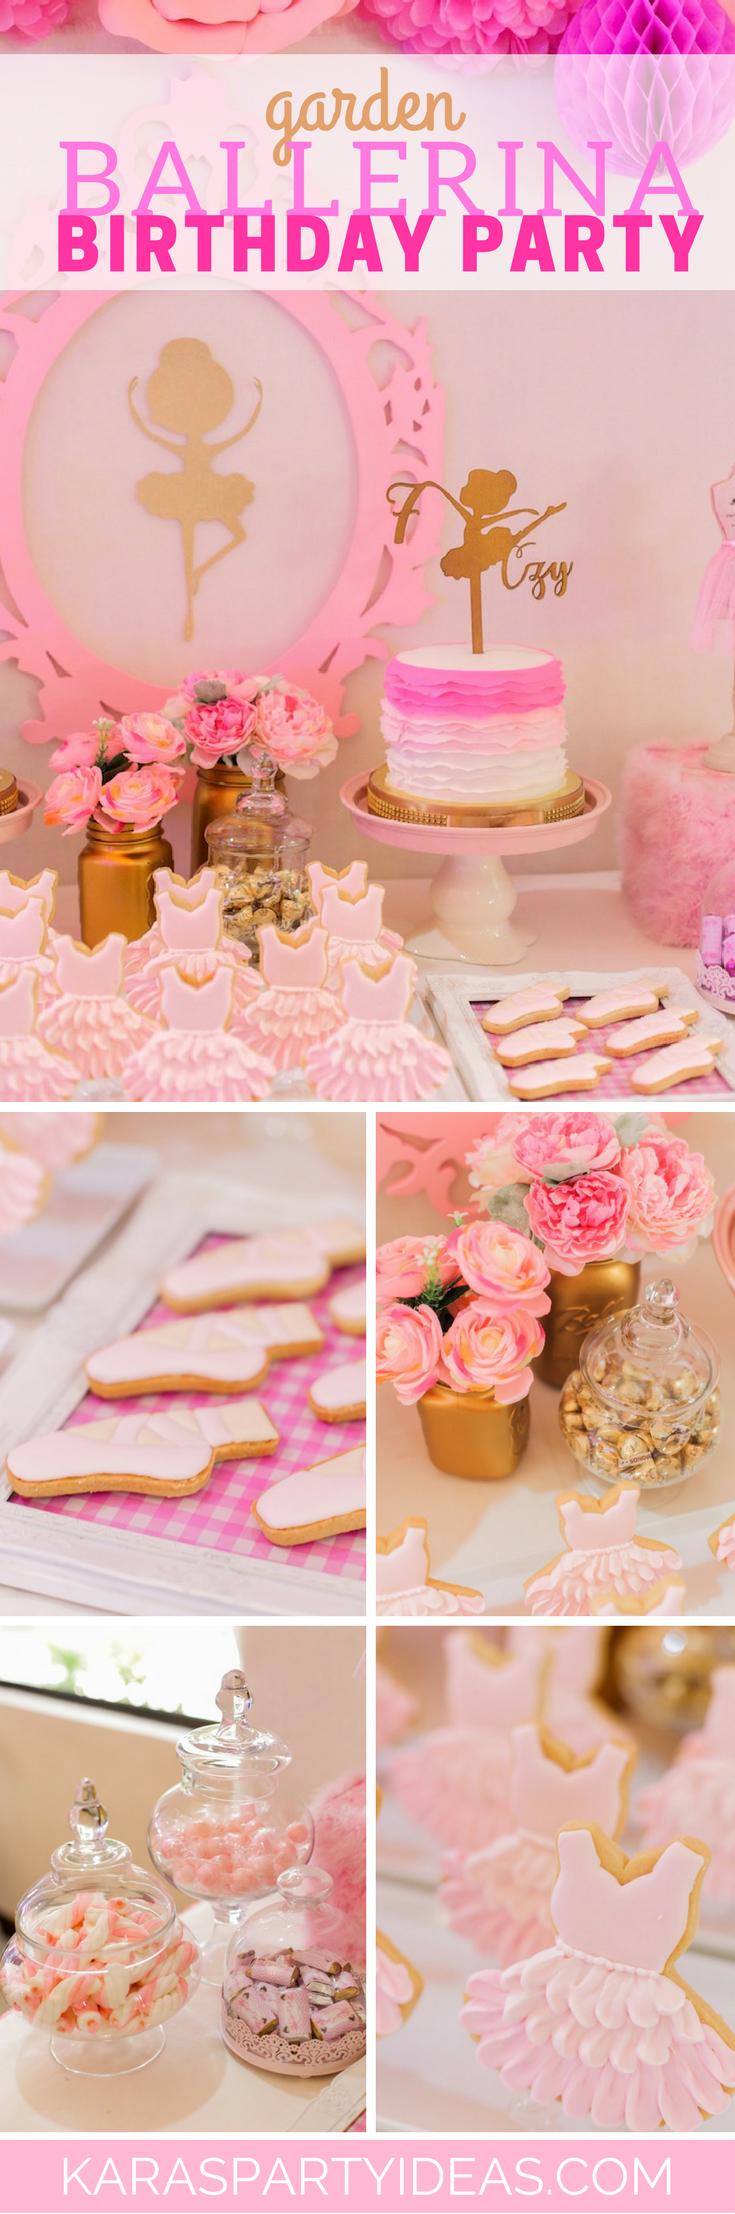 Tea time tea birthday party via kara s party ideas karaspartyideas com - Garden Ballerina Birthday Party Via Kara S Party Ideas Karaspartyideas Com